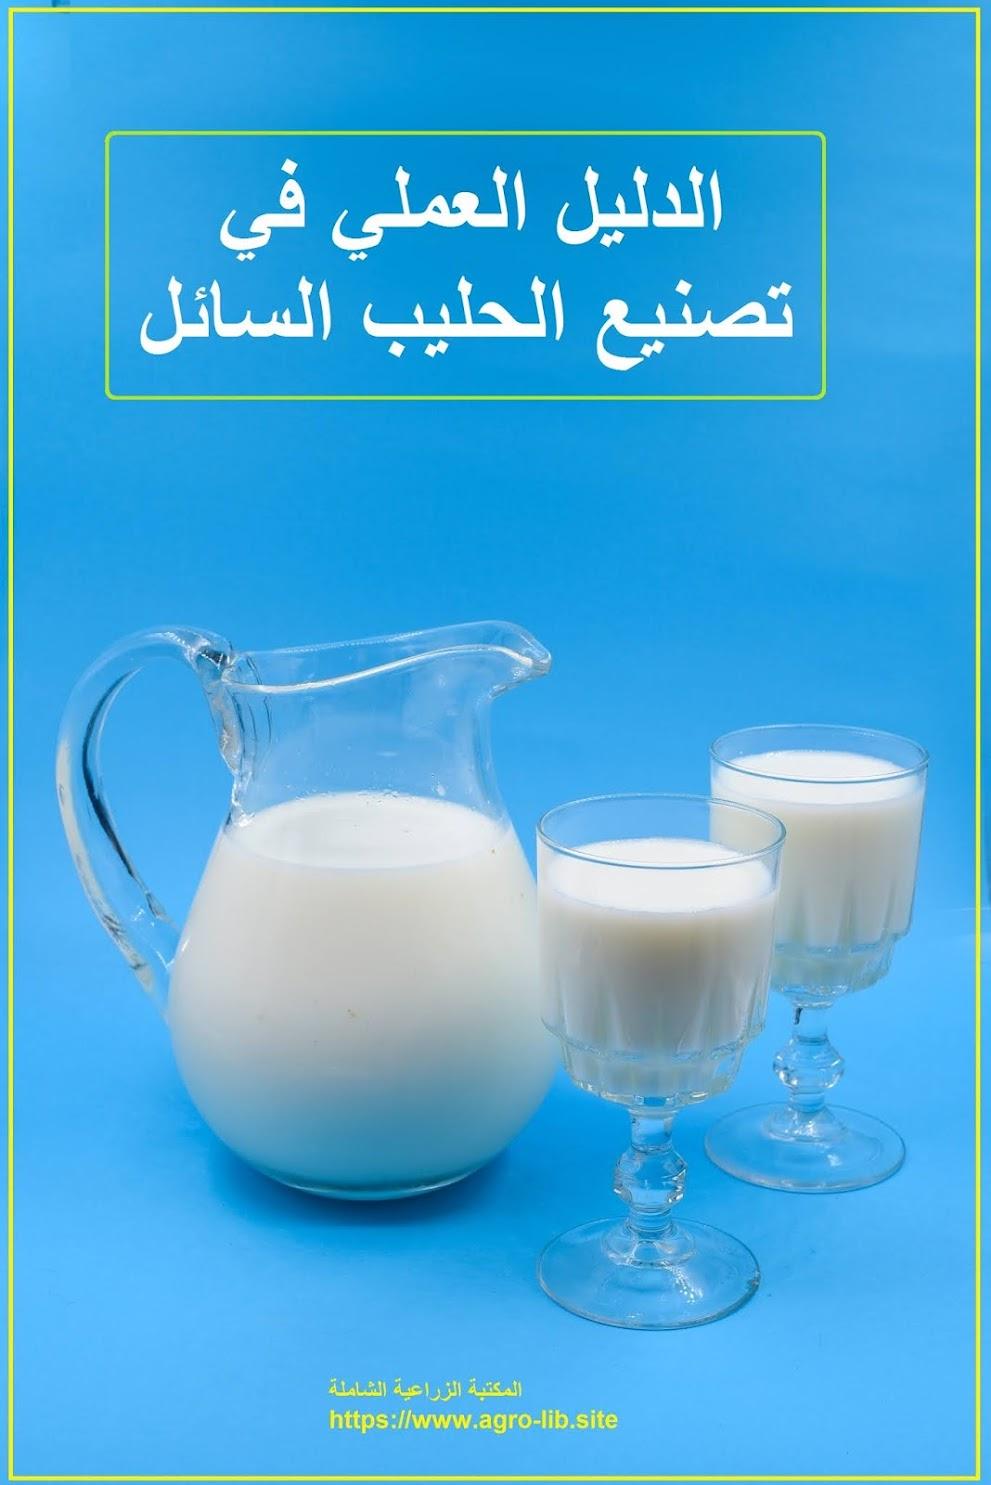 كتاب : الدليل العملي في تصنيع الحليب السائل